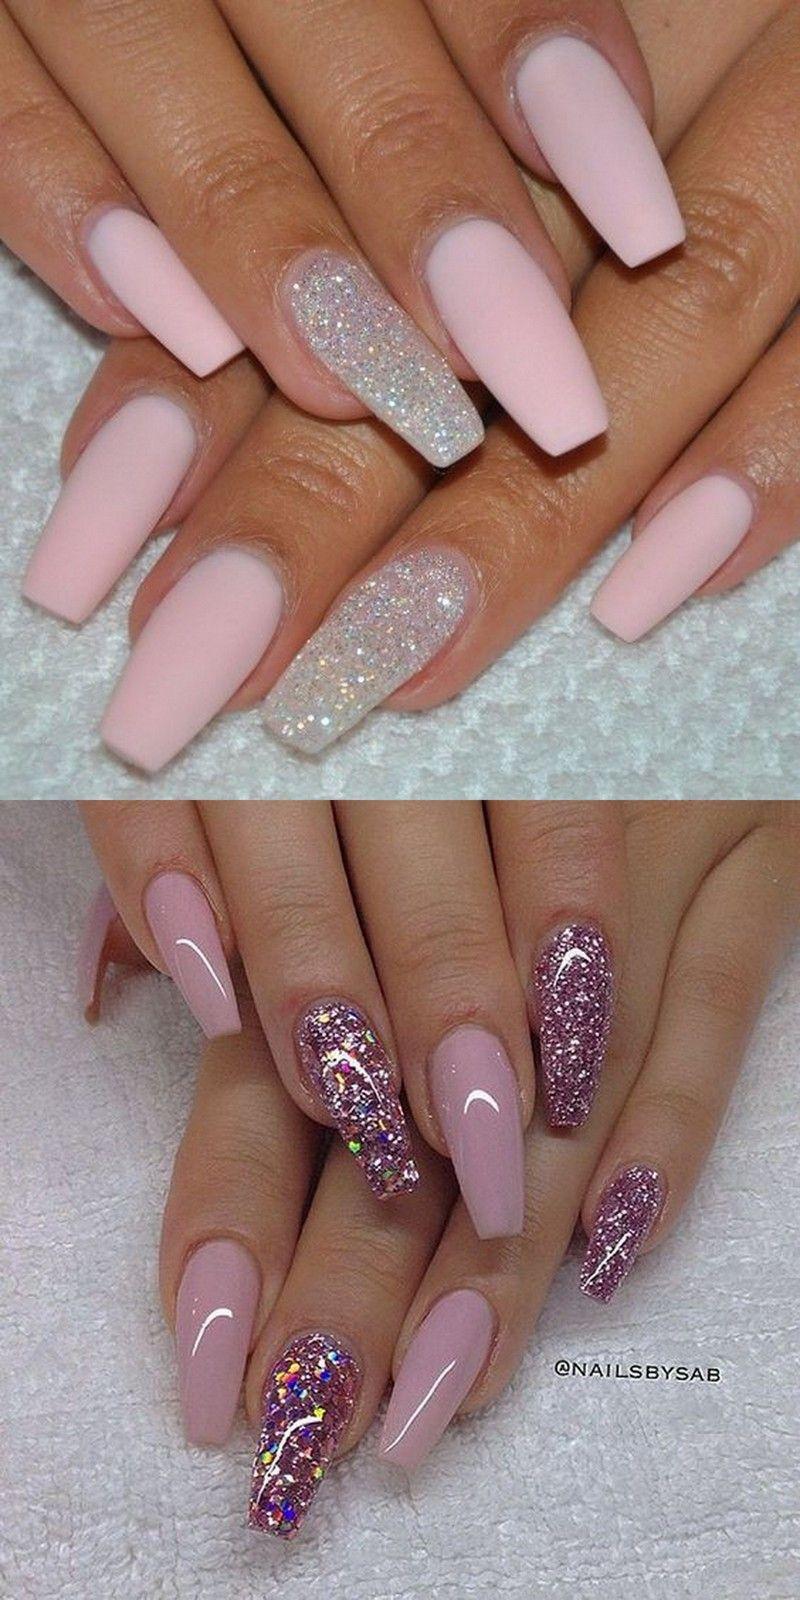 101 trending pink nail art polish color ideas nail trends 2016 nail trends 101 pink nail art ideas prinsesfo Images